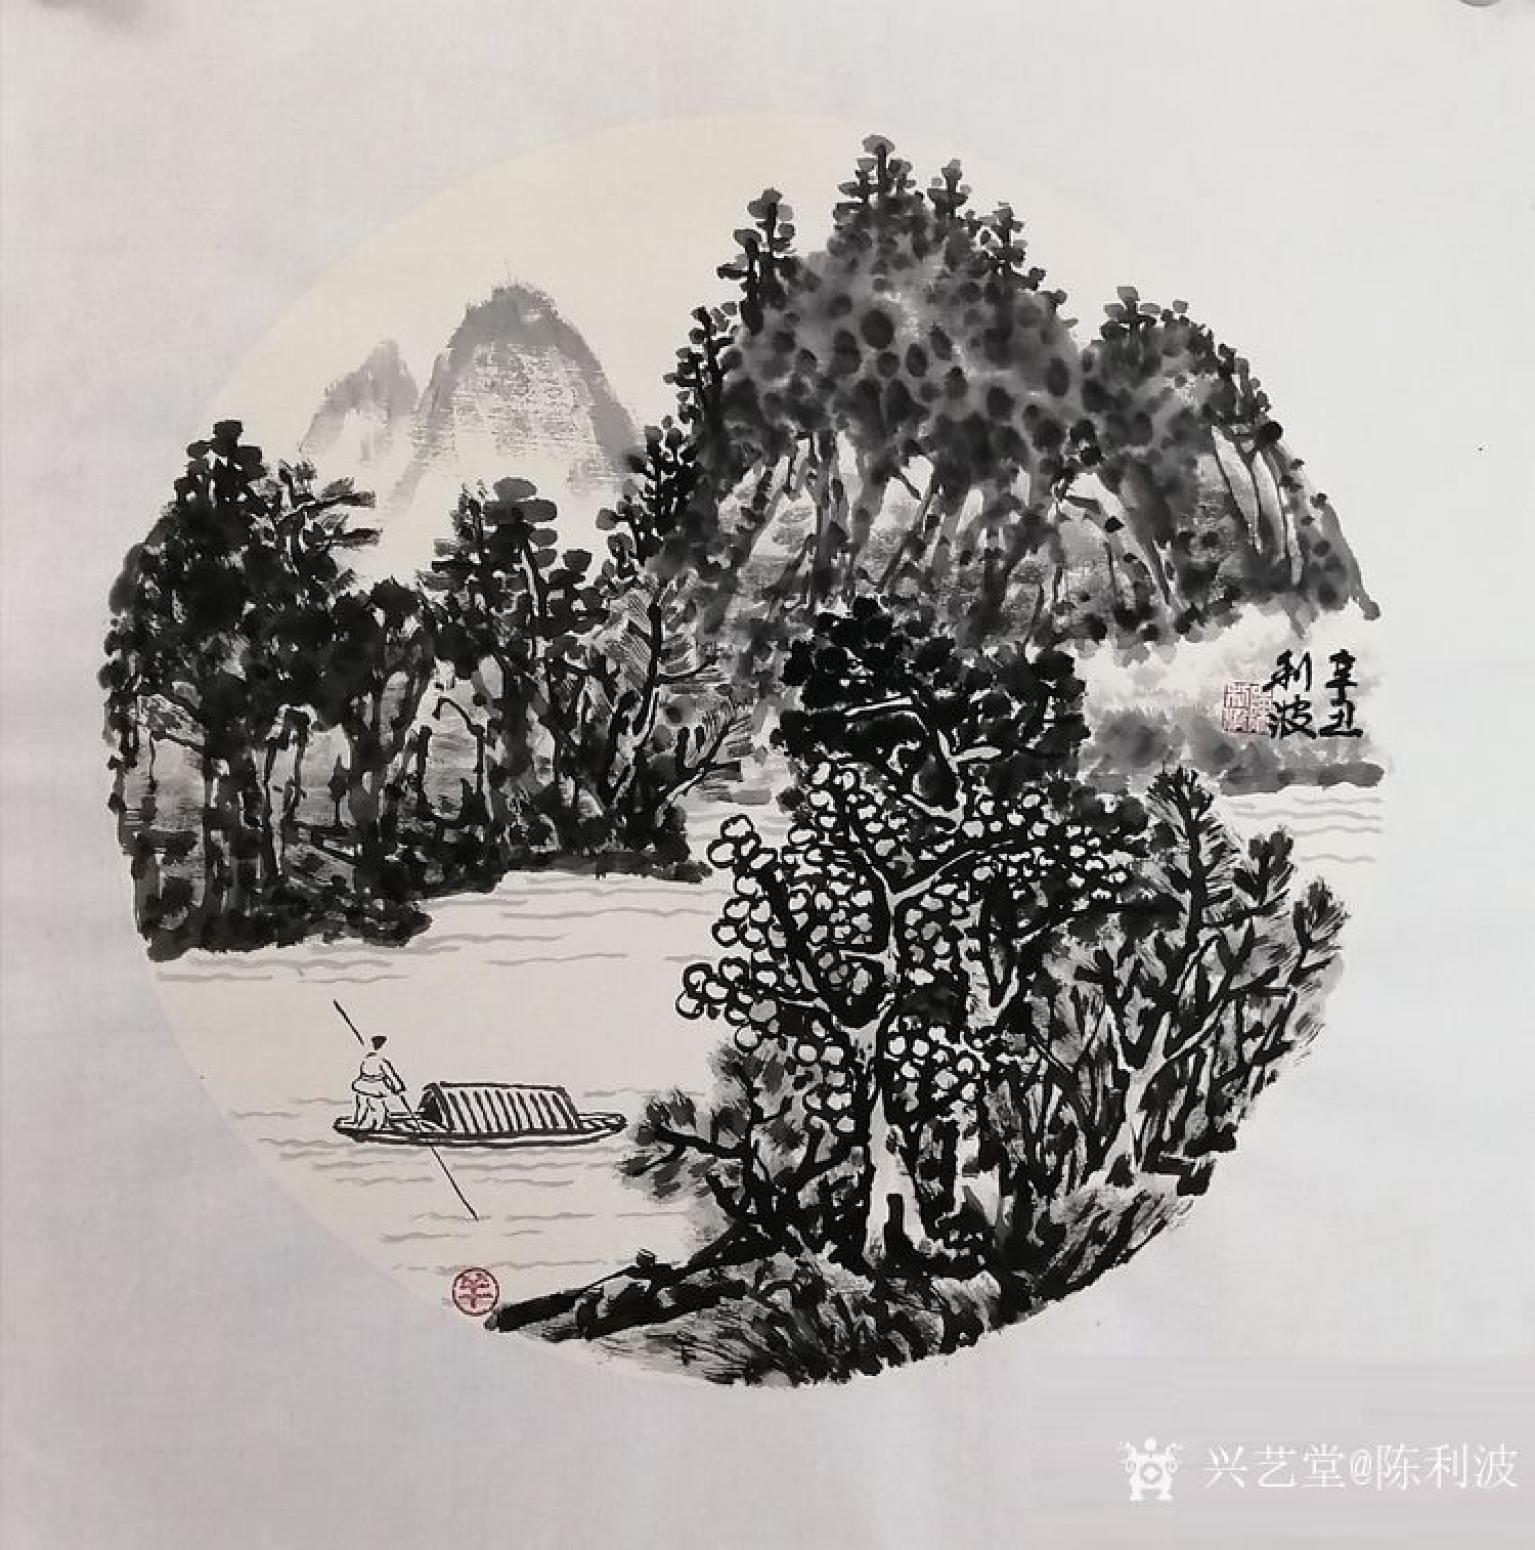 陈利波国画作品《泛舟2》